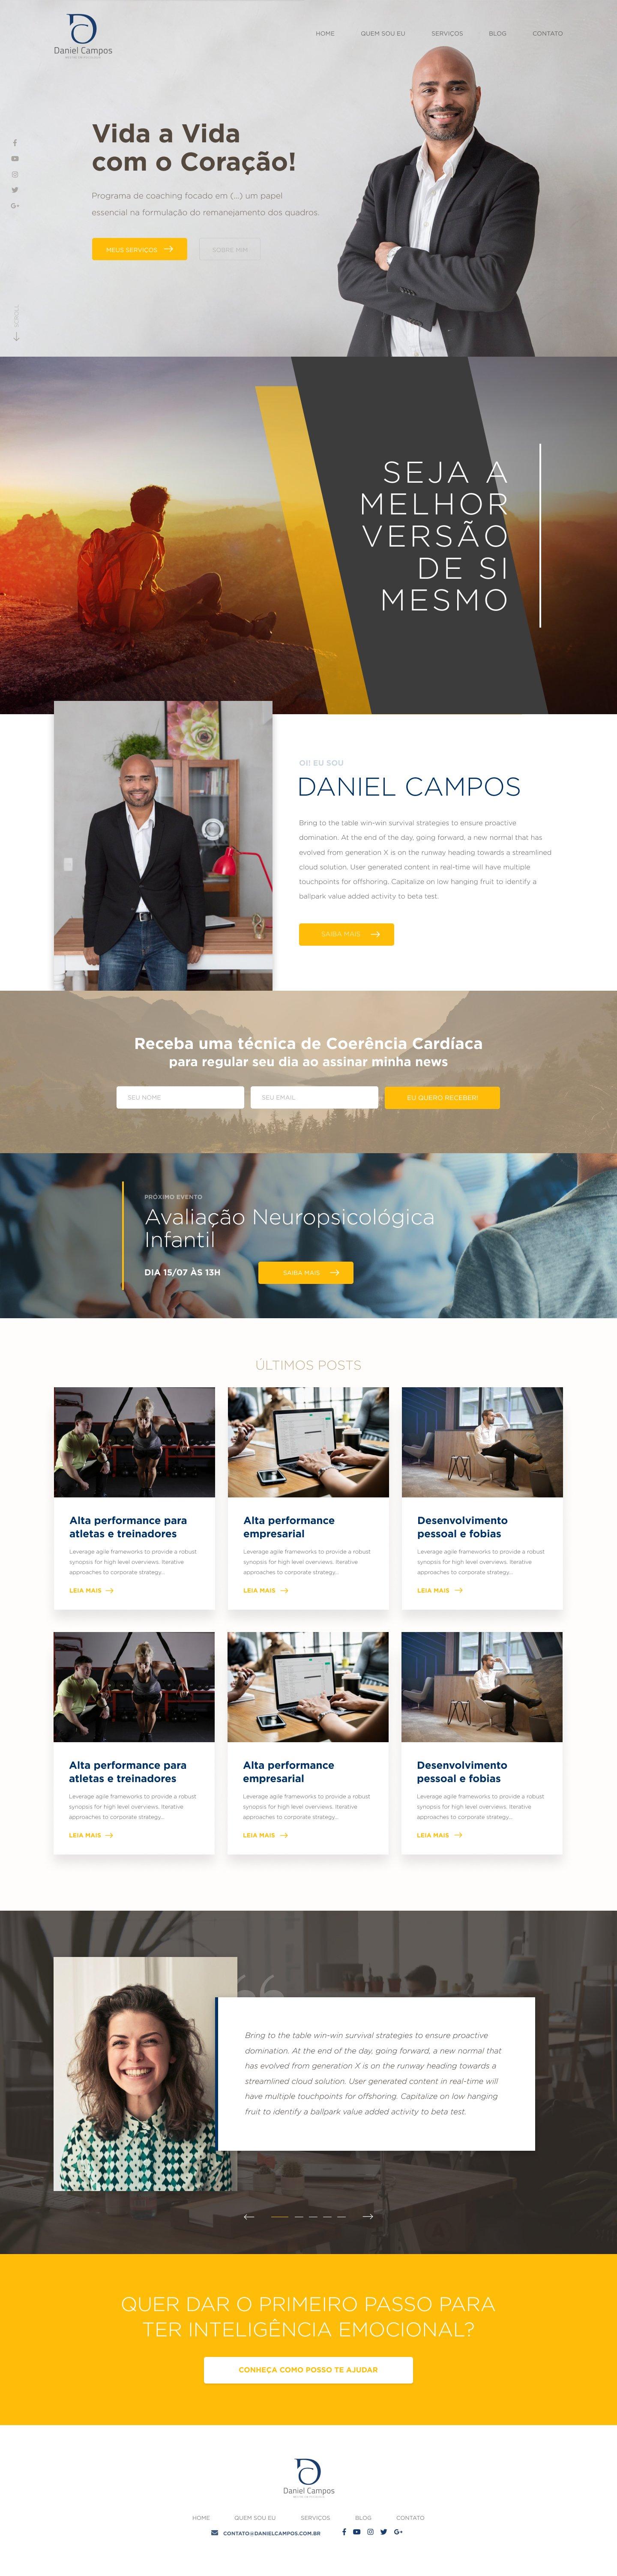 Desenvolvimento de site para Daniel Campos